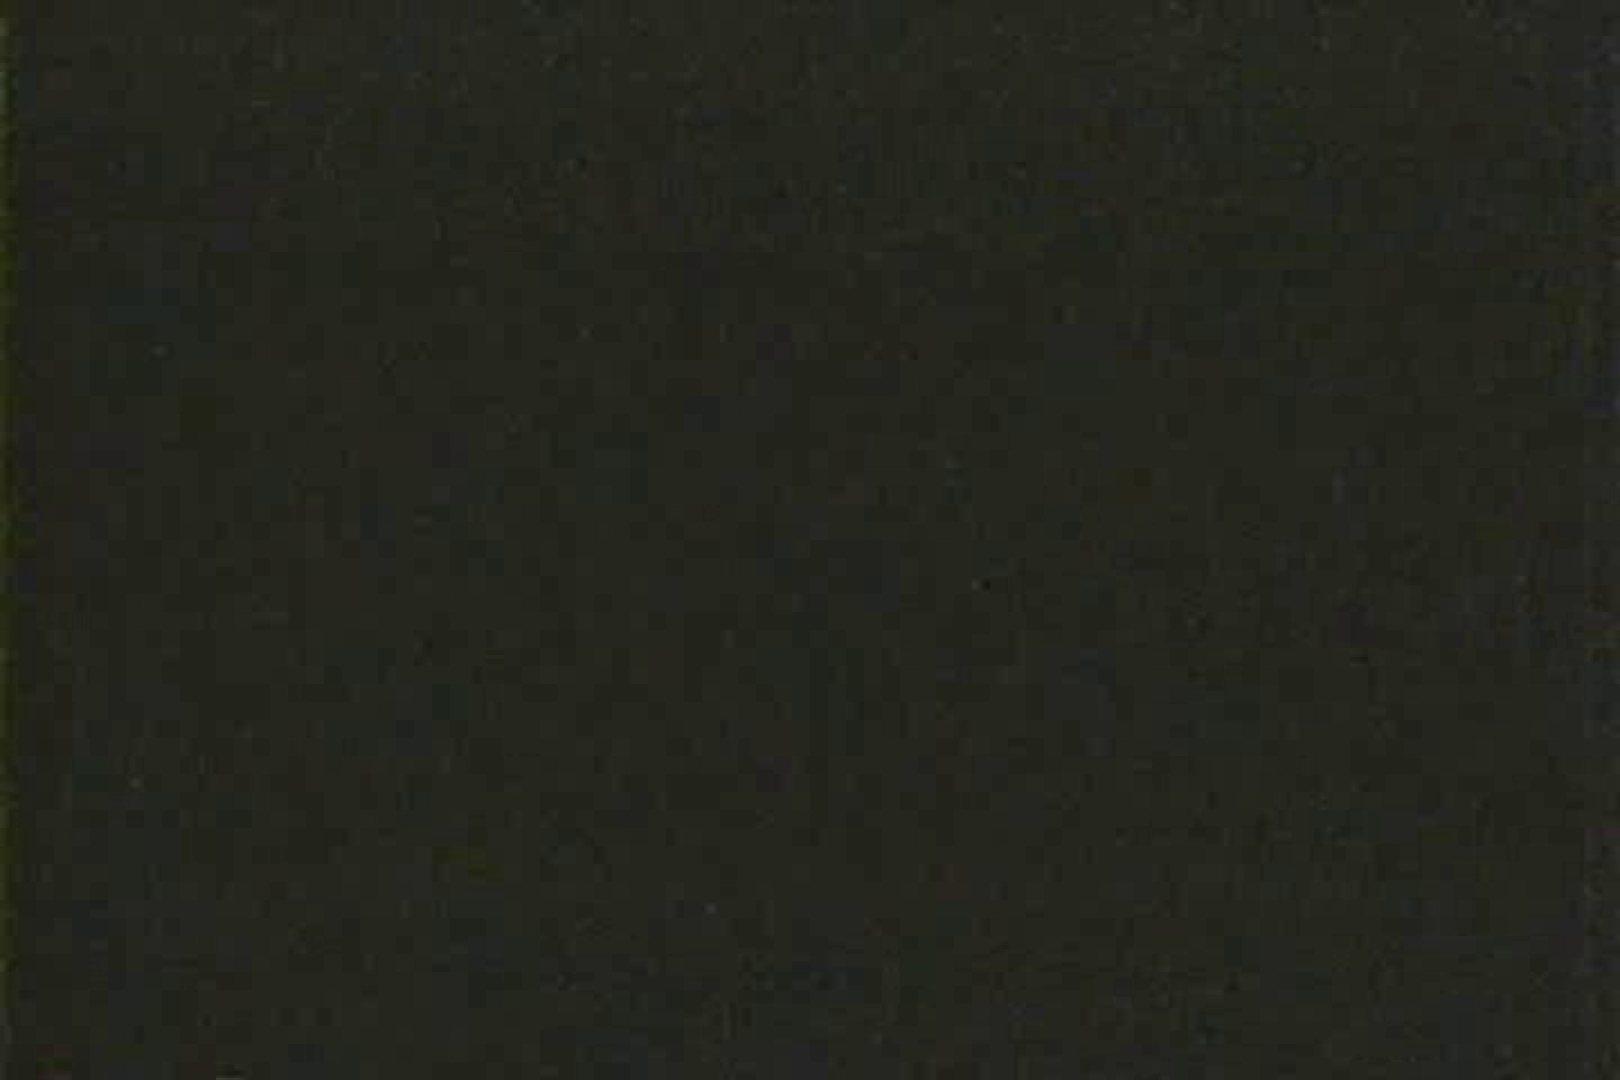 「ちくりん」さんのオリジナル未編集パンチラVol.2_02 OLヌード天国 AV動画キャプチャ 84PIX 82